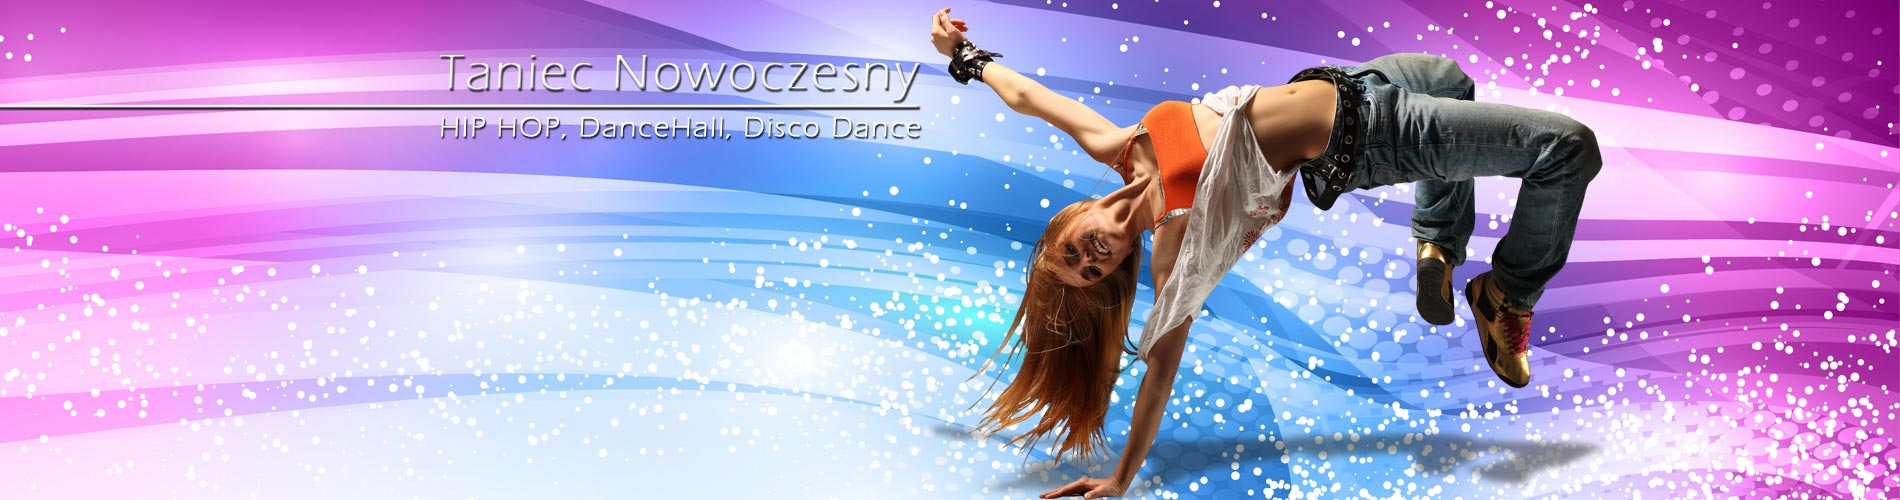 TANIEC NOWOCZESNY -  HIP HOP - DANCEHALL Prowadzimy Zapisy